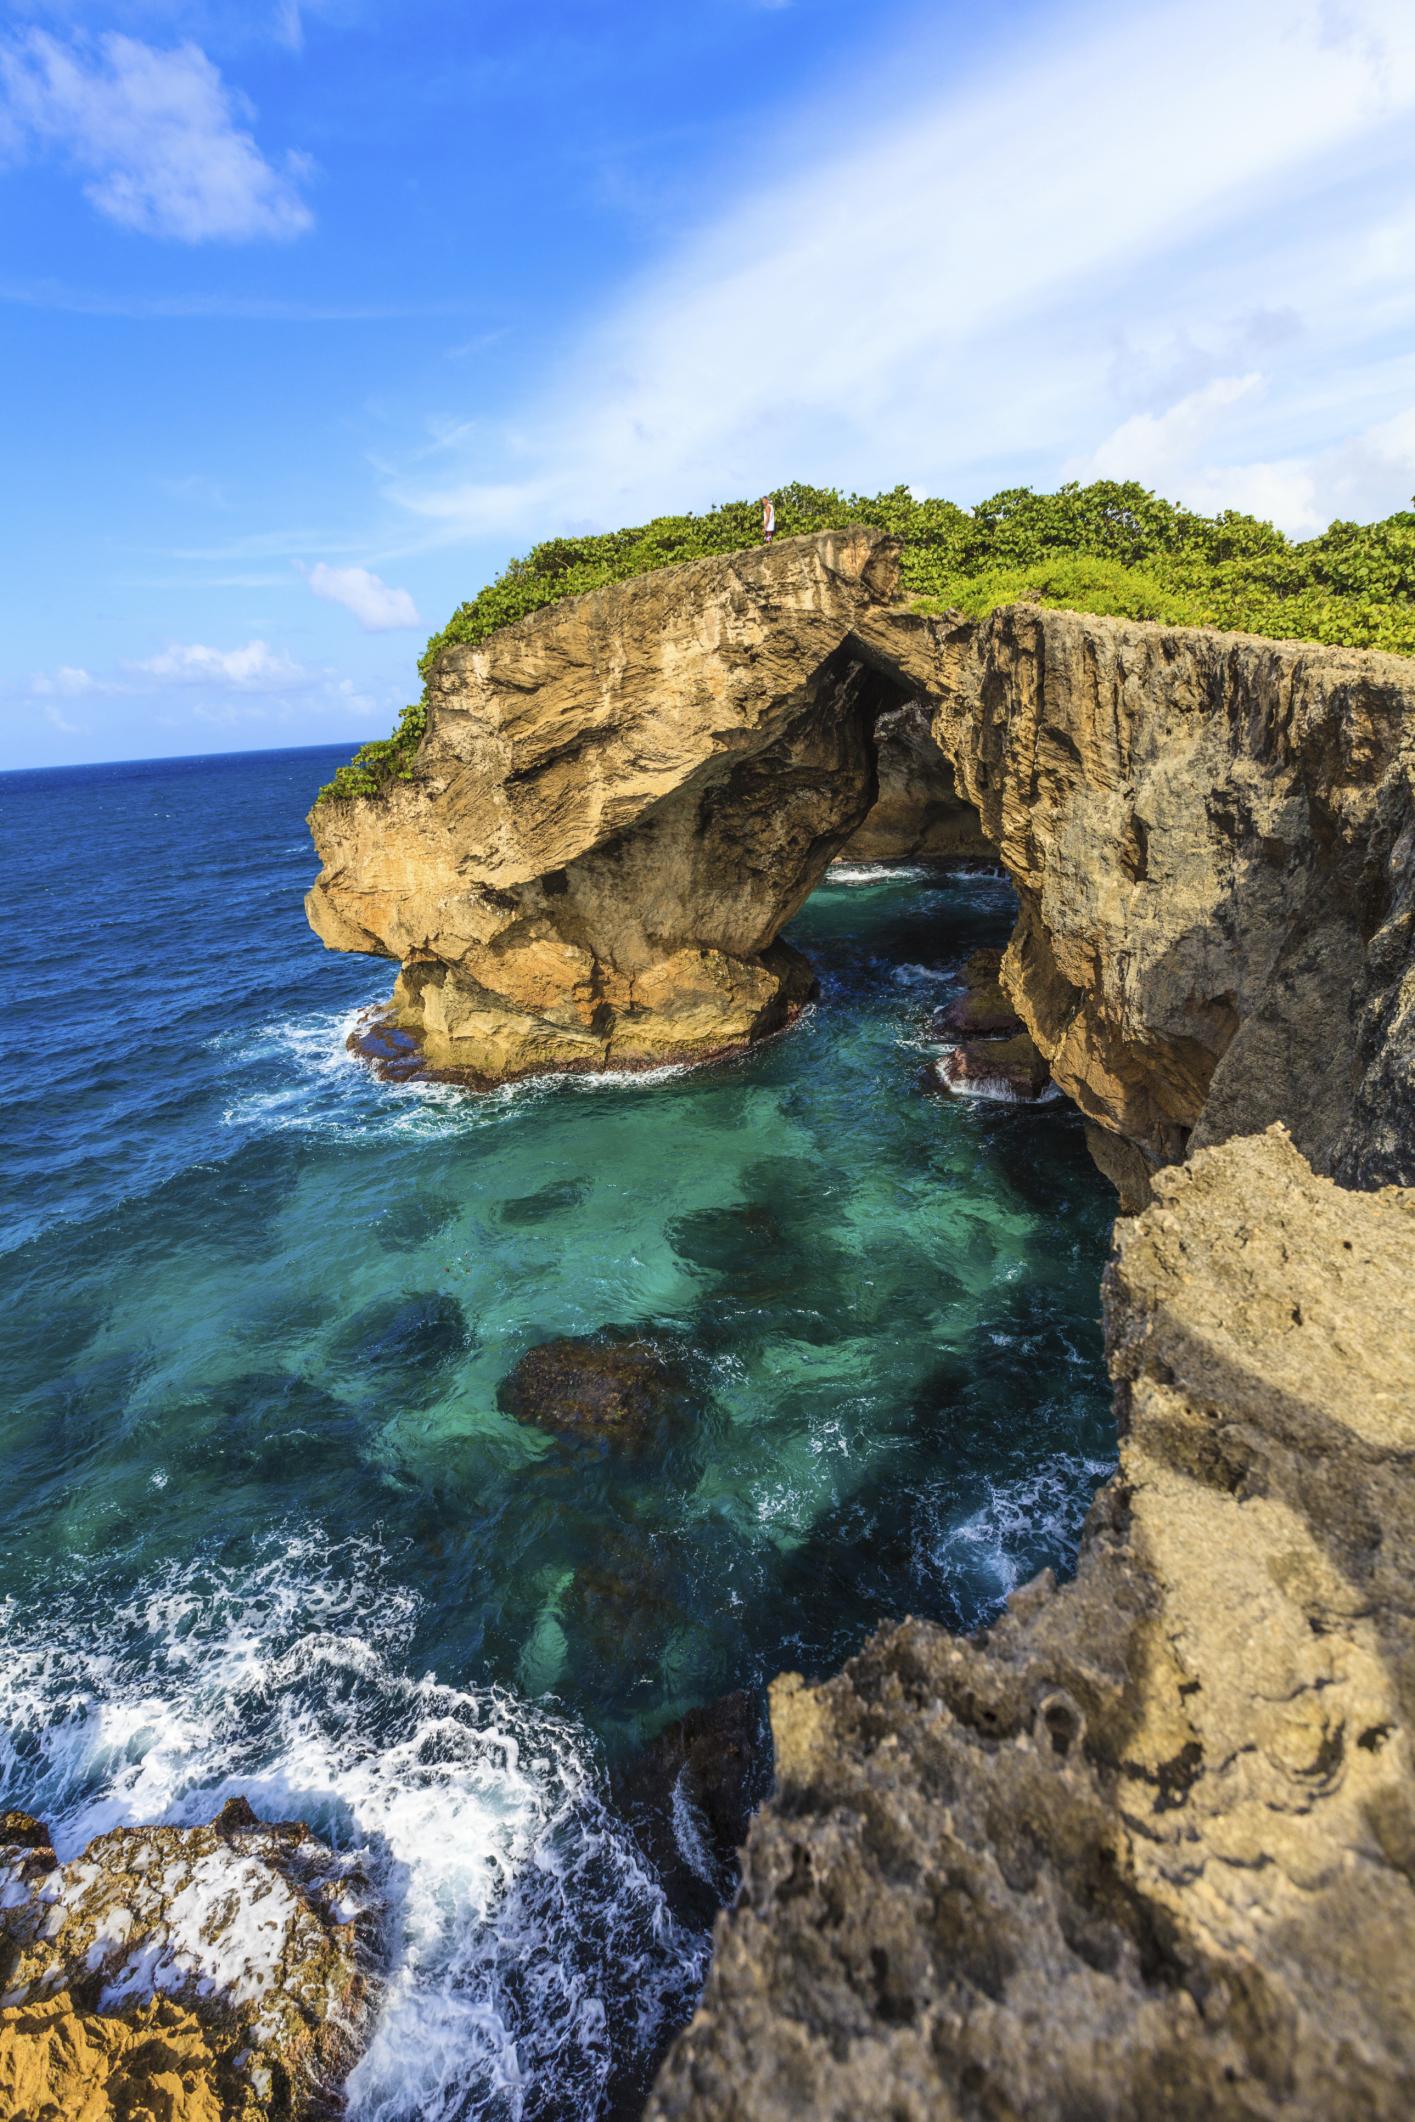 Puerto rican randi kultúra